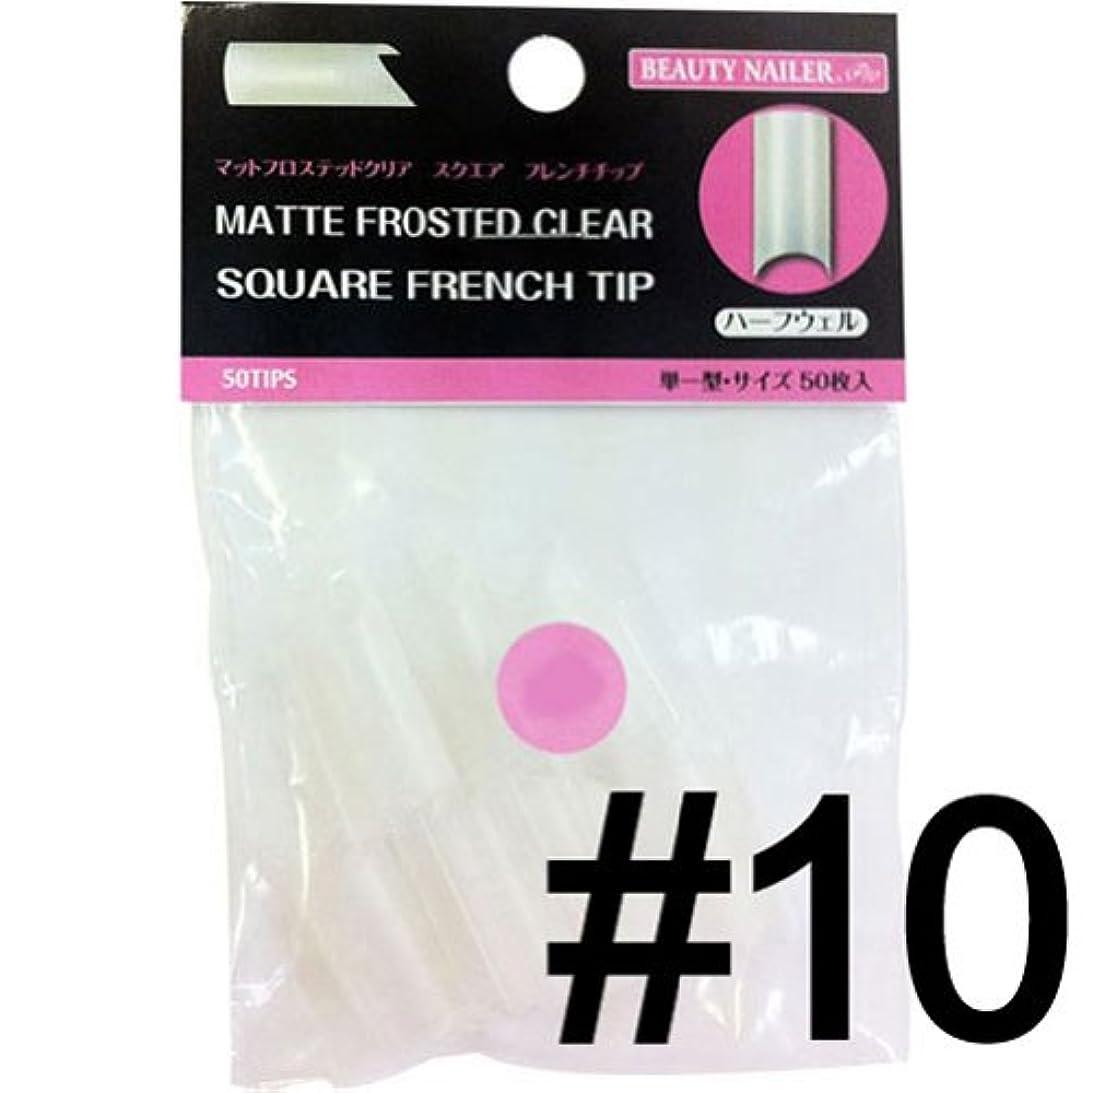 がんばり続けるタックヒロインビューティーネイラー ネイルチップ ナマットフロステッドクリアスクエアフレンチチップ PMFC-10 #10